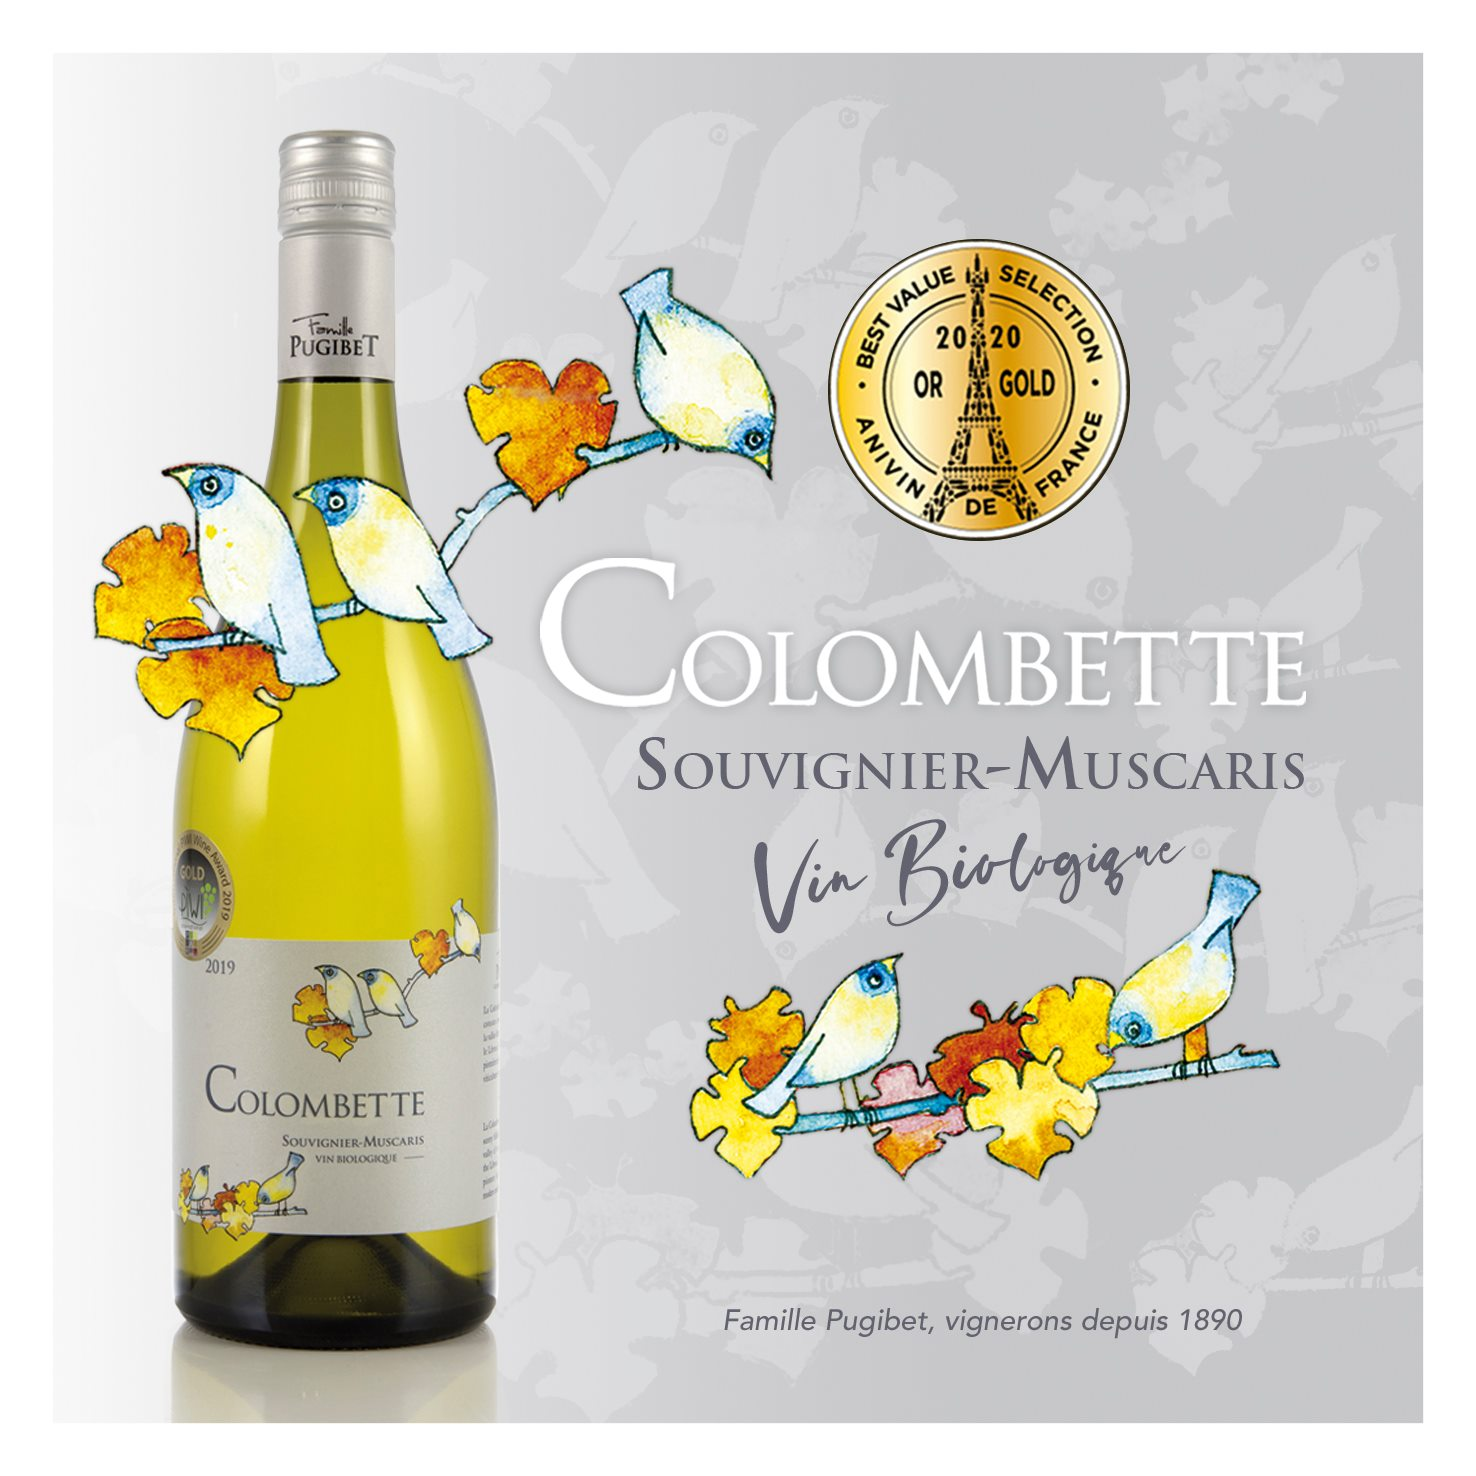 Médaille d'or au concours des vins de France